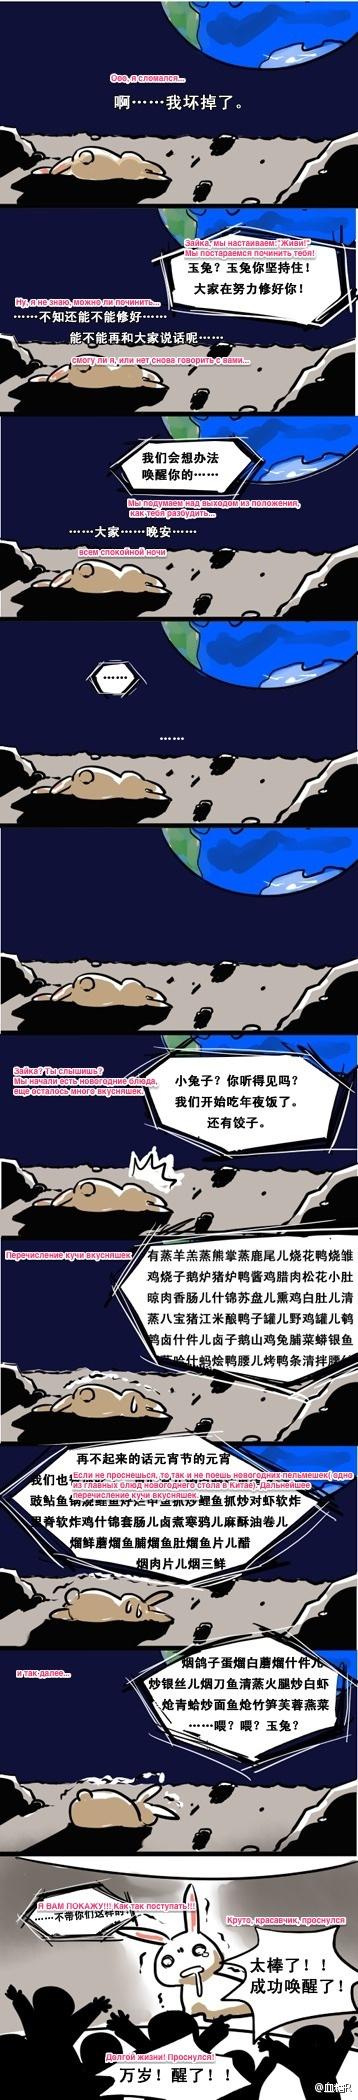 Что же происходит с китайским «Юйту?